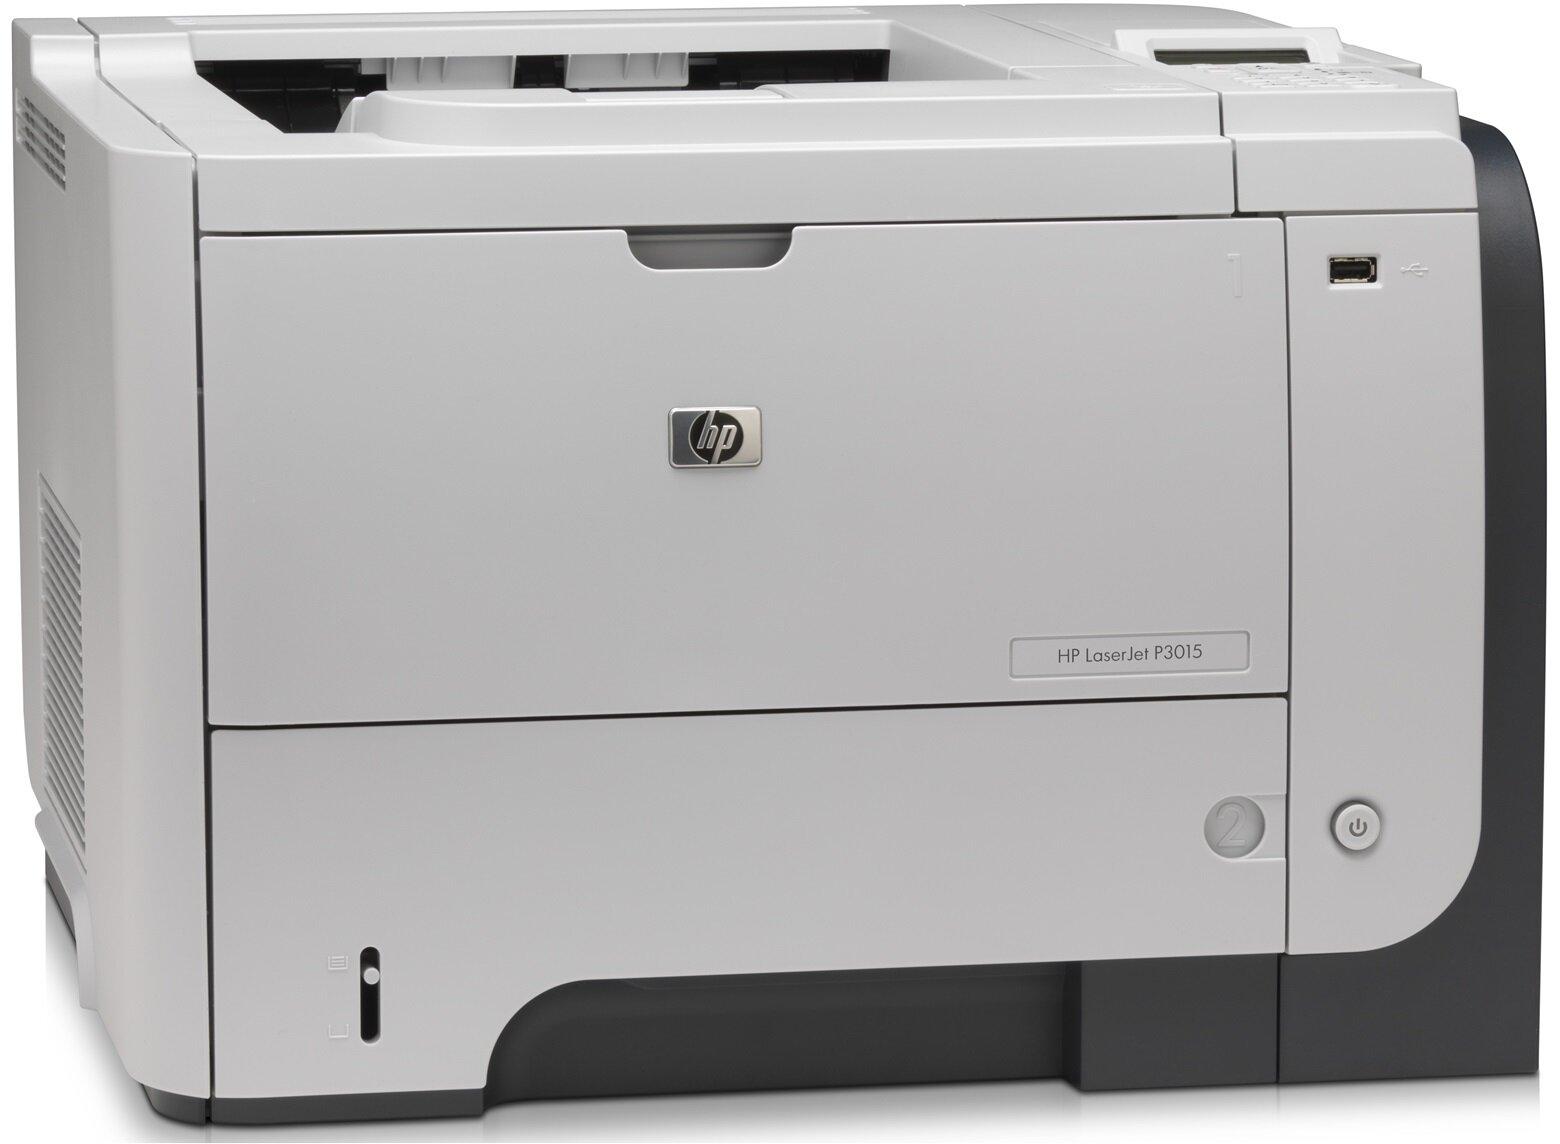 So sánh máy in đa năng HP LaserJet P3015dn và HP Officejet Pro 8620